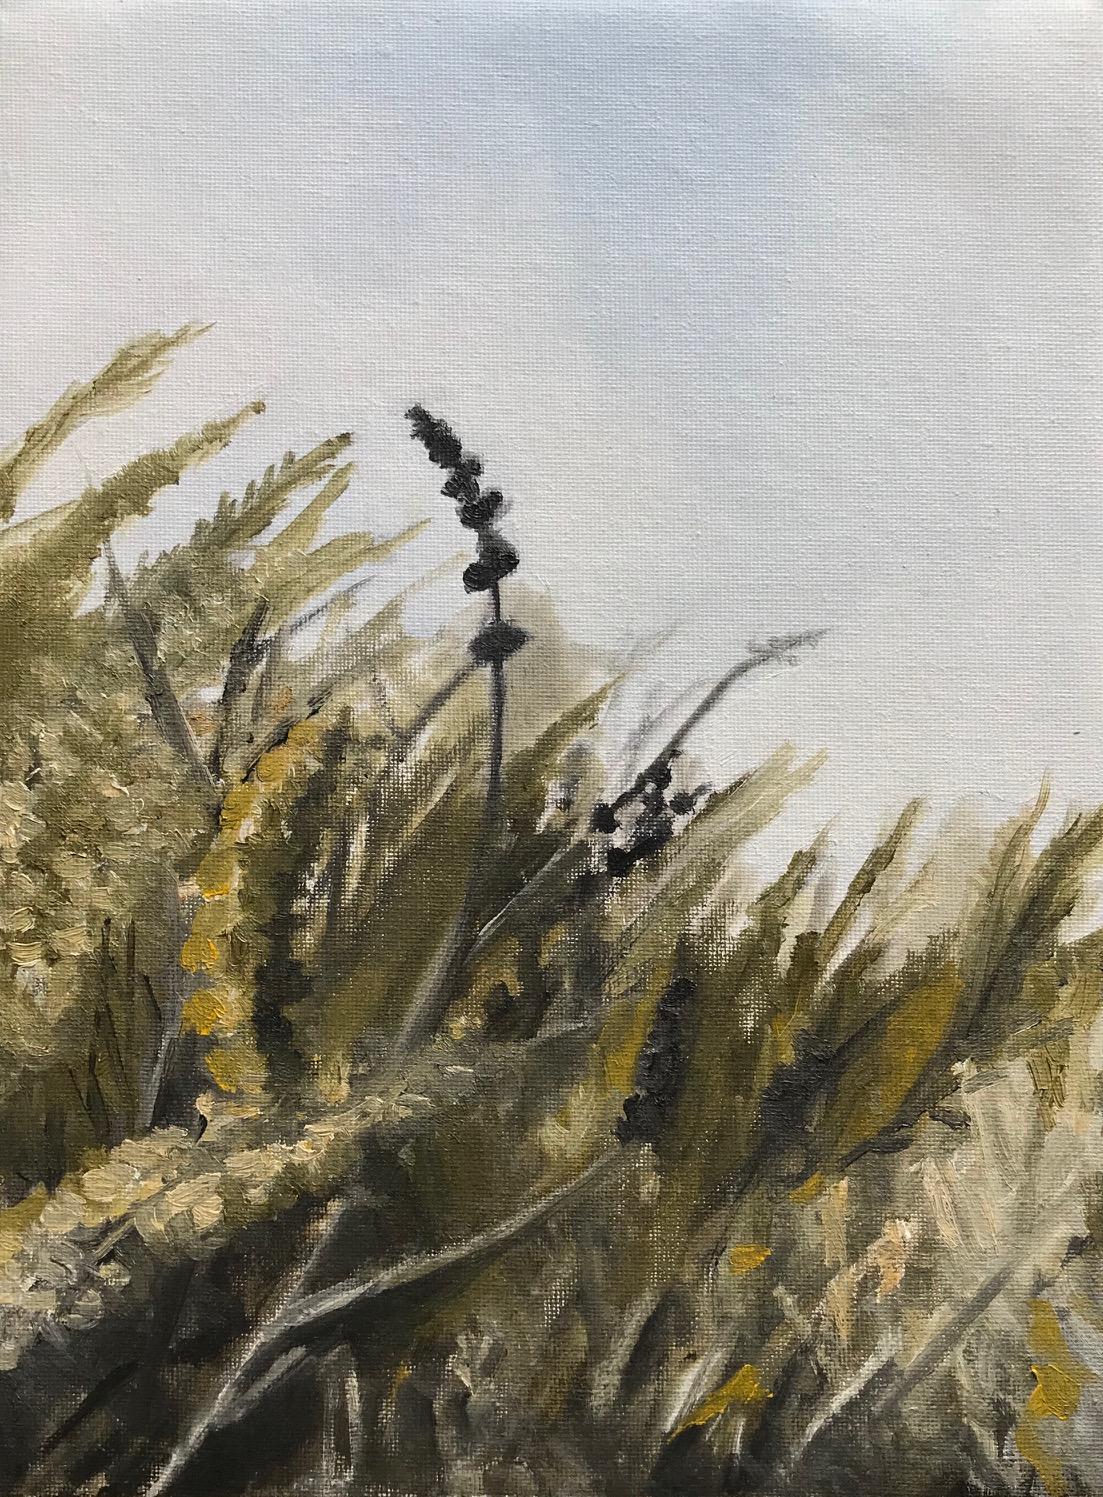 Brush, Morro Bay